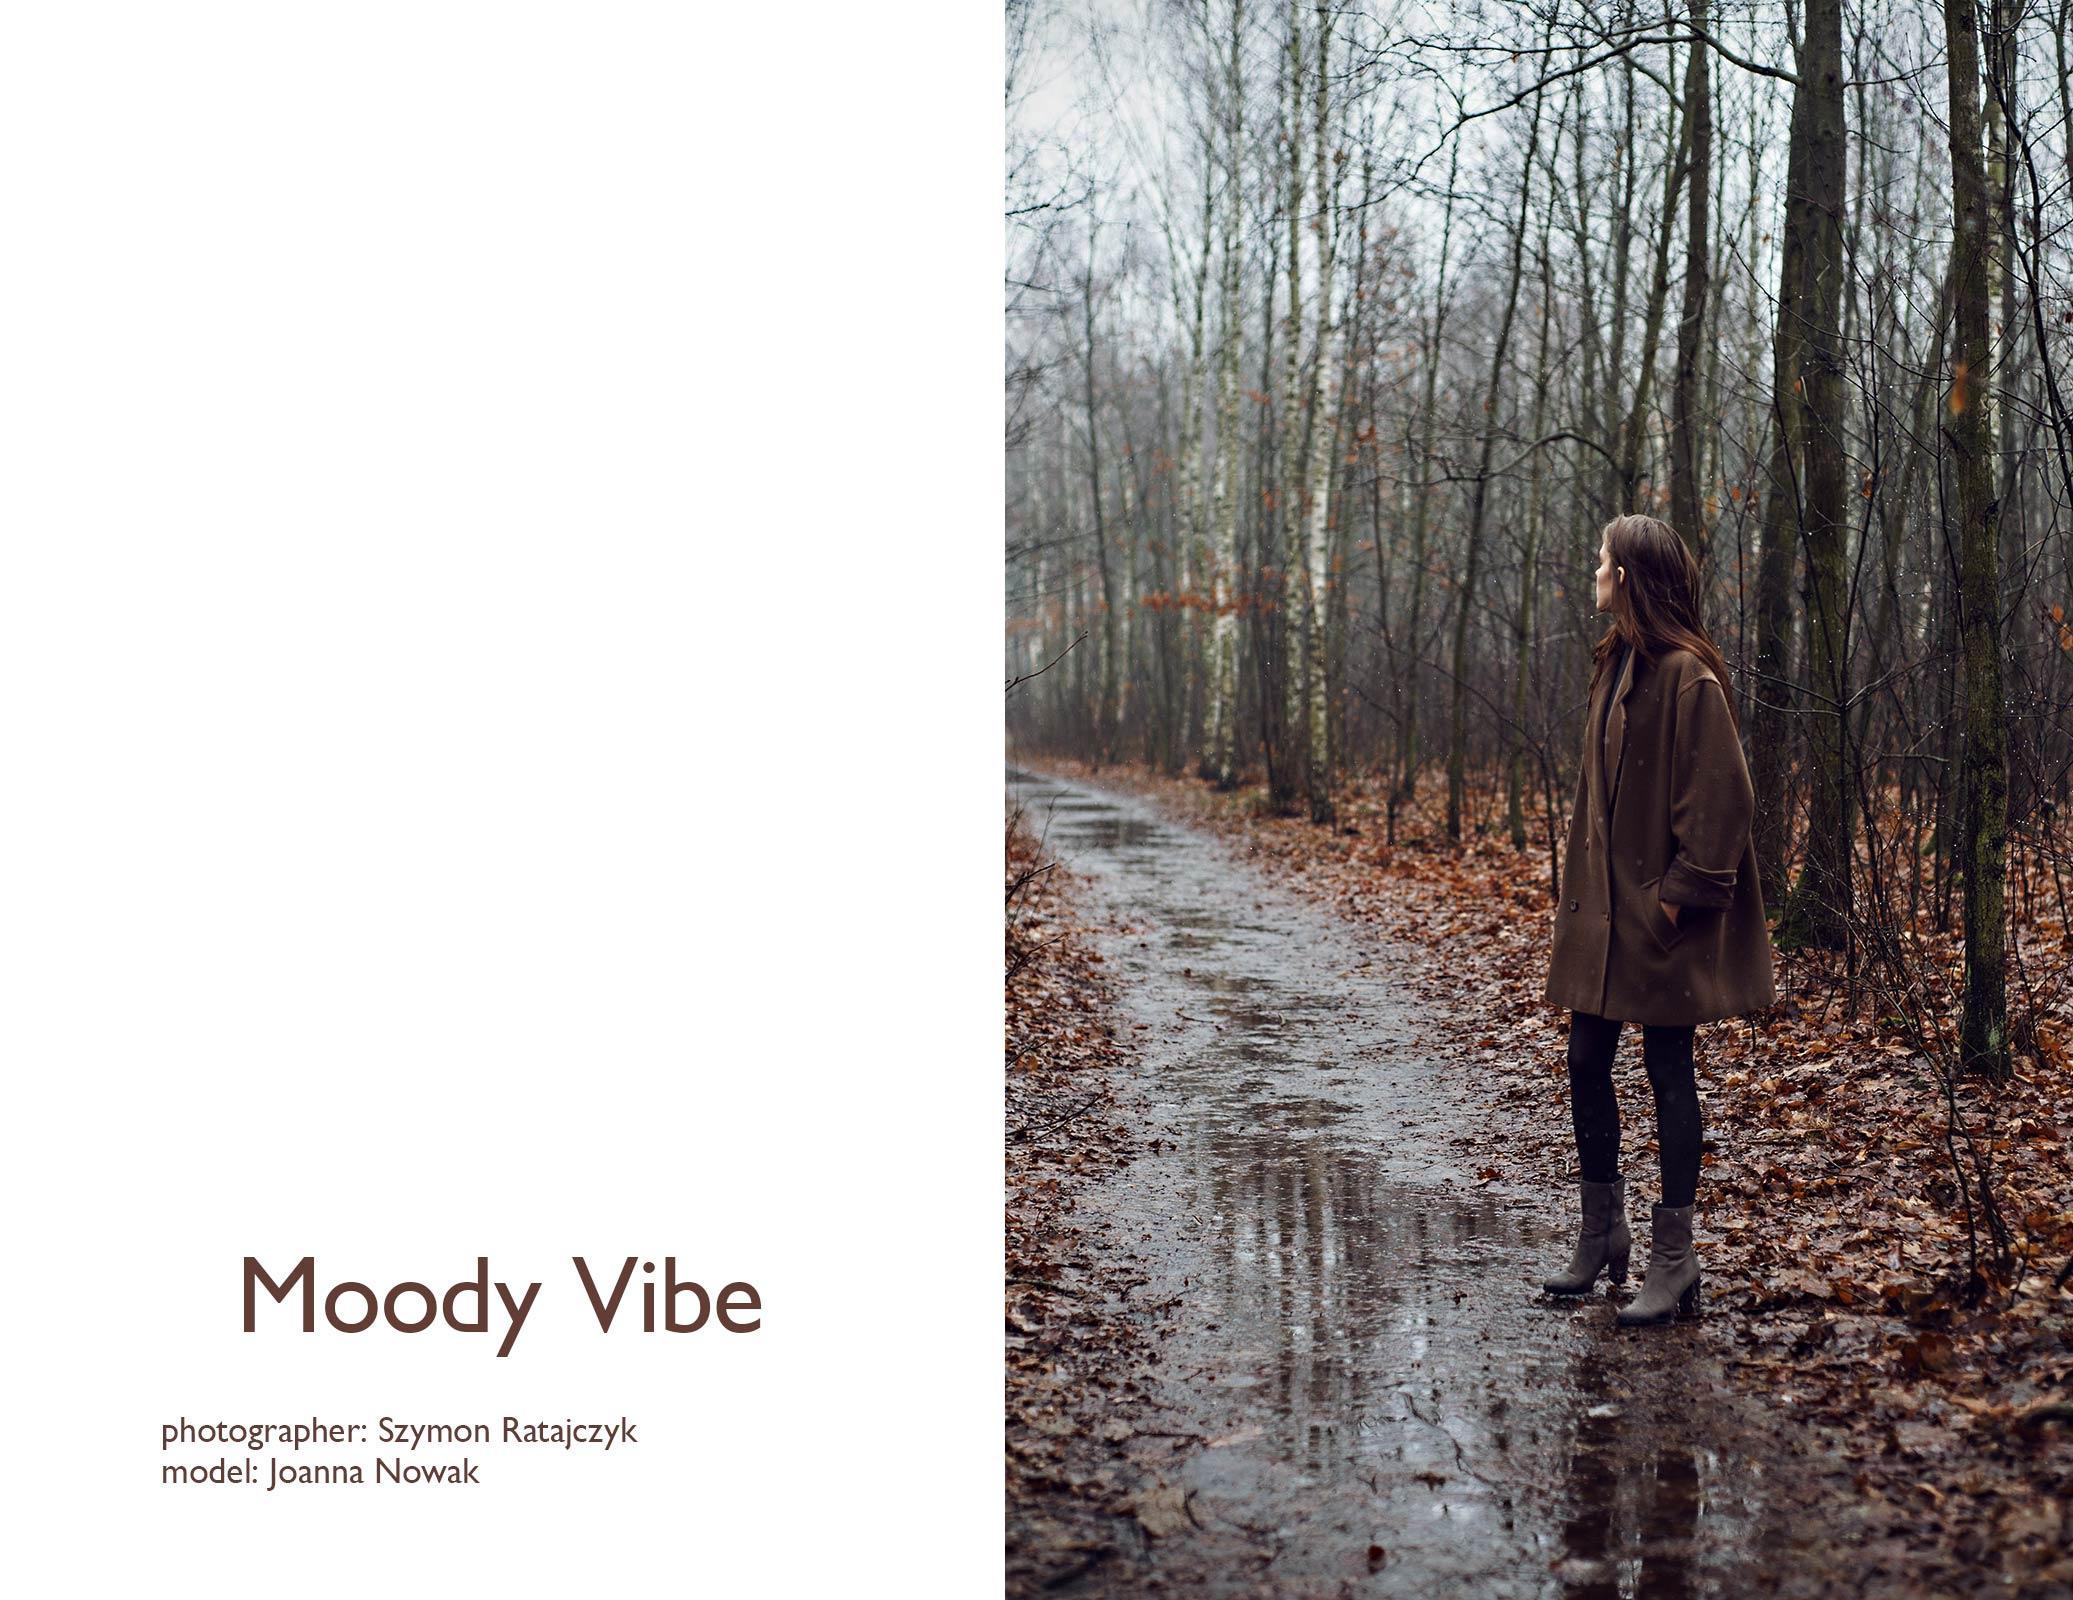 Moody_Vibe_by_Szymon_Ratajczyk_4